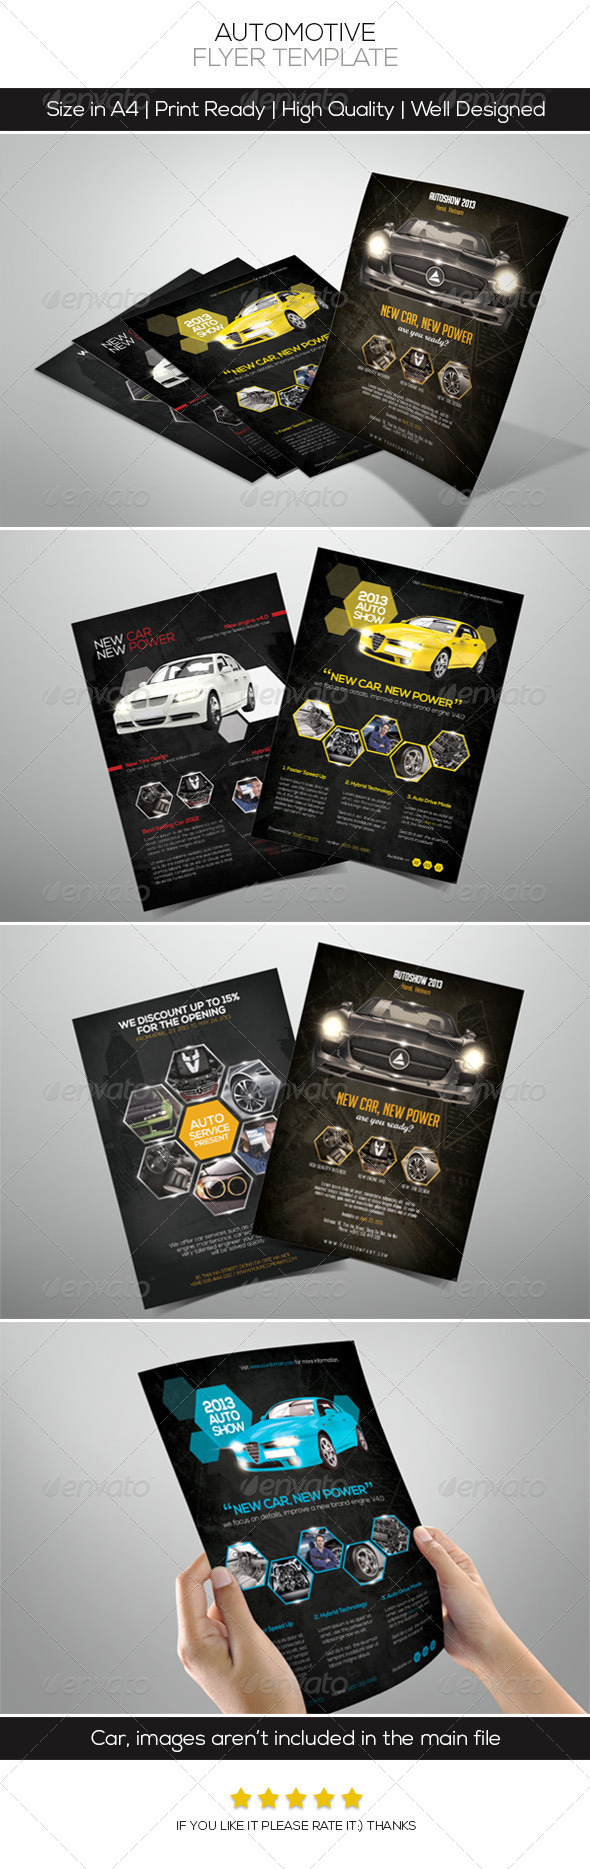 GraphicRiver Premium Automotive Flyers 4634727